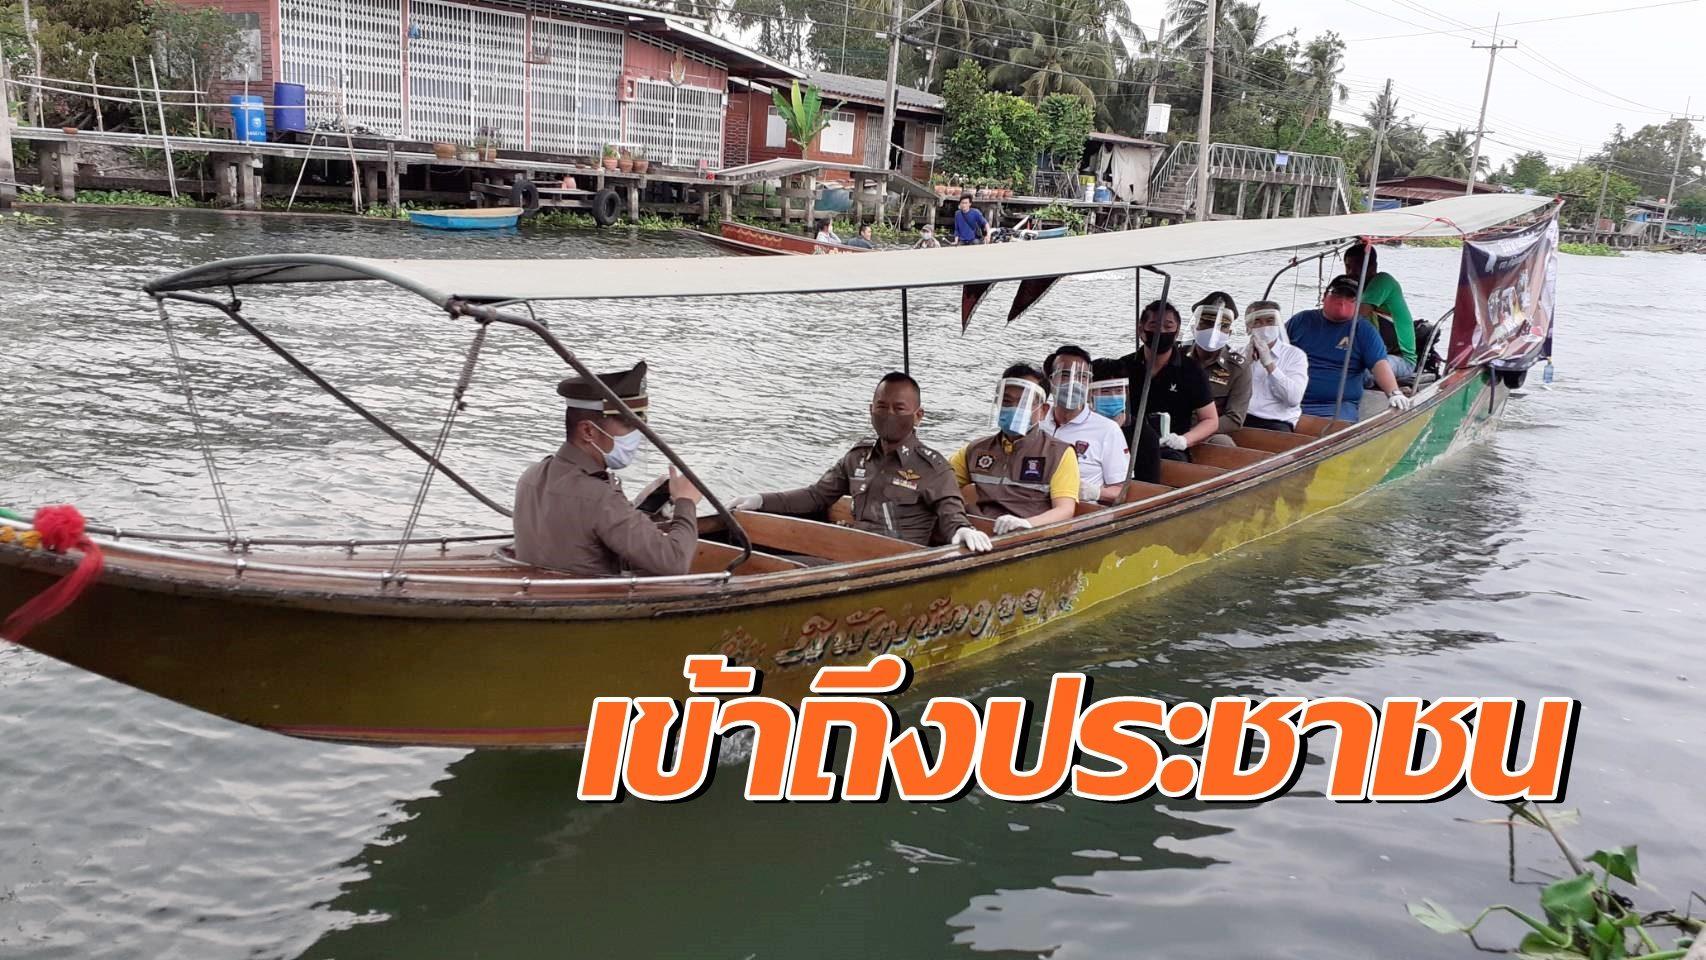 ผู้การฯมหาชัย ล่องเรือแจกของถึงบ้าน สร้างขวัญกำลังใจให้ประชาชน